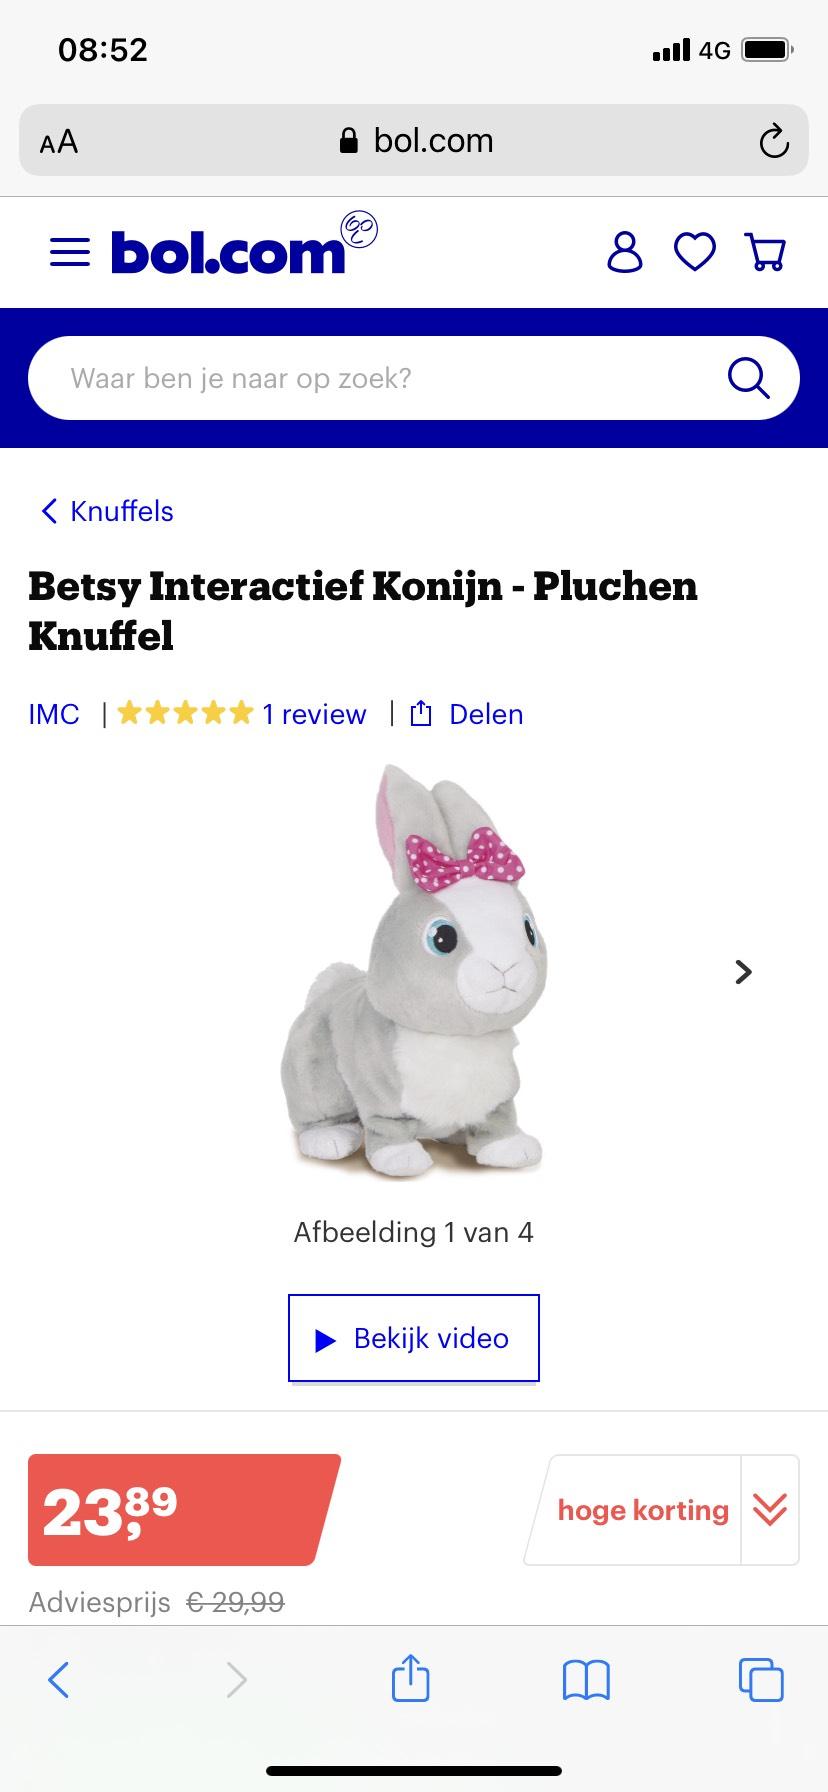 Betsy interactief konijn (van de reclame)